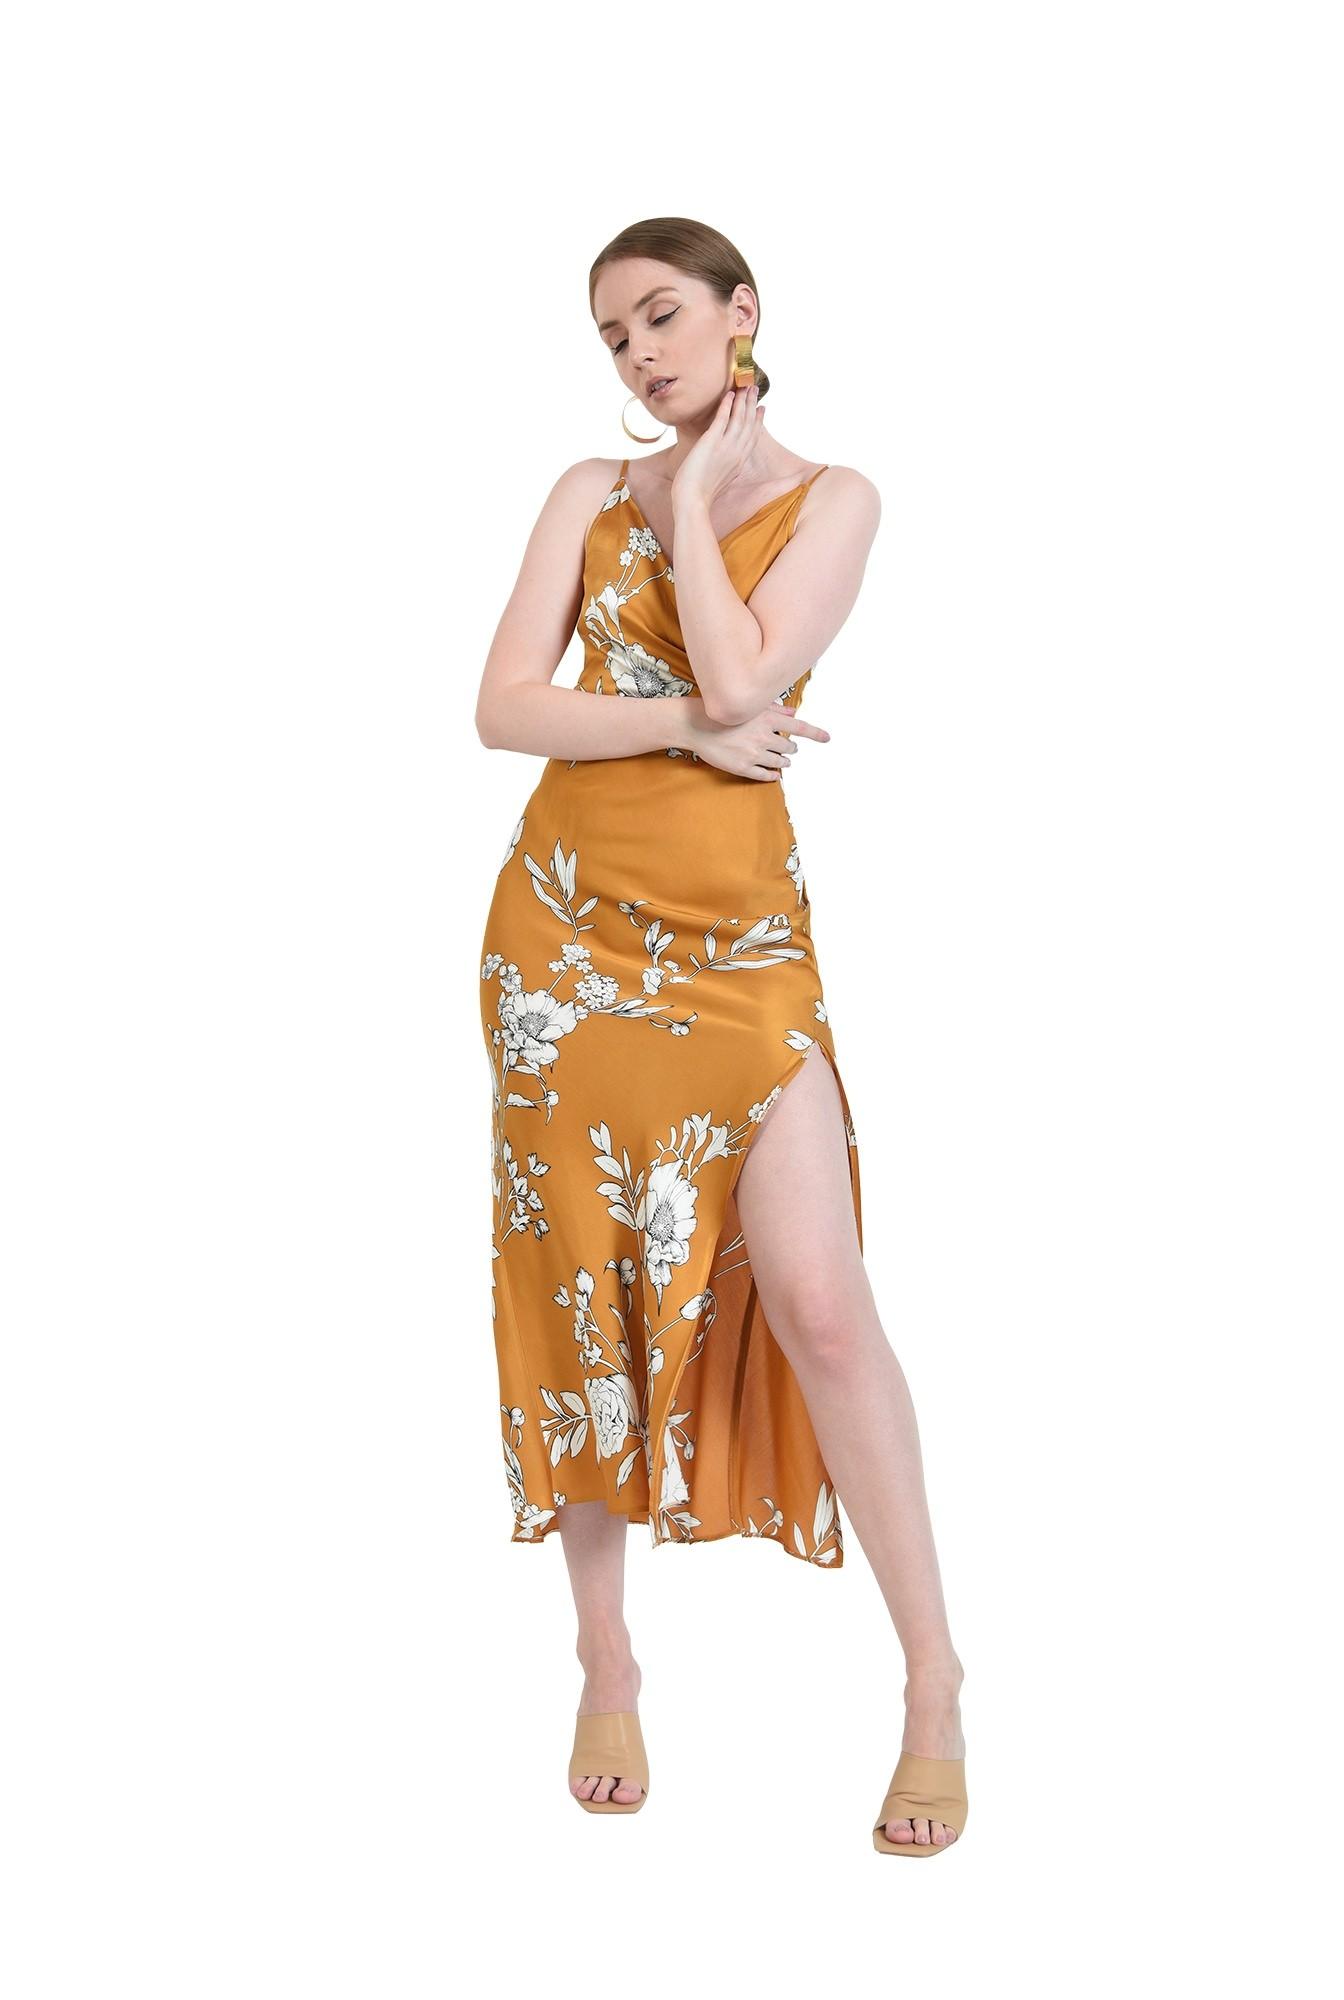 3 - rochie mustar, cu motive florale, cu bretele subtiri